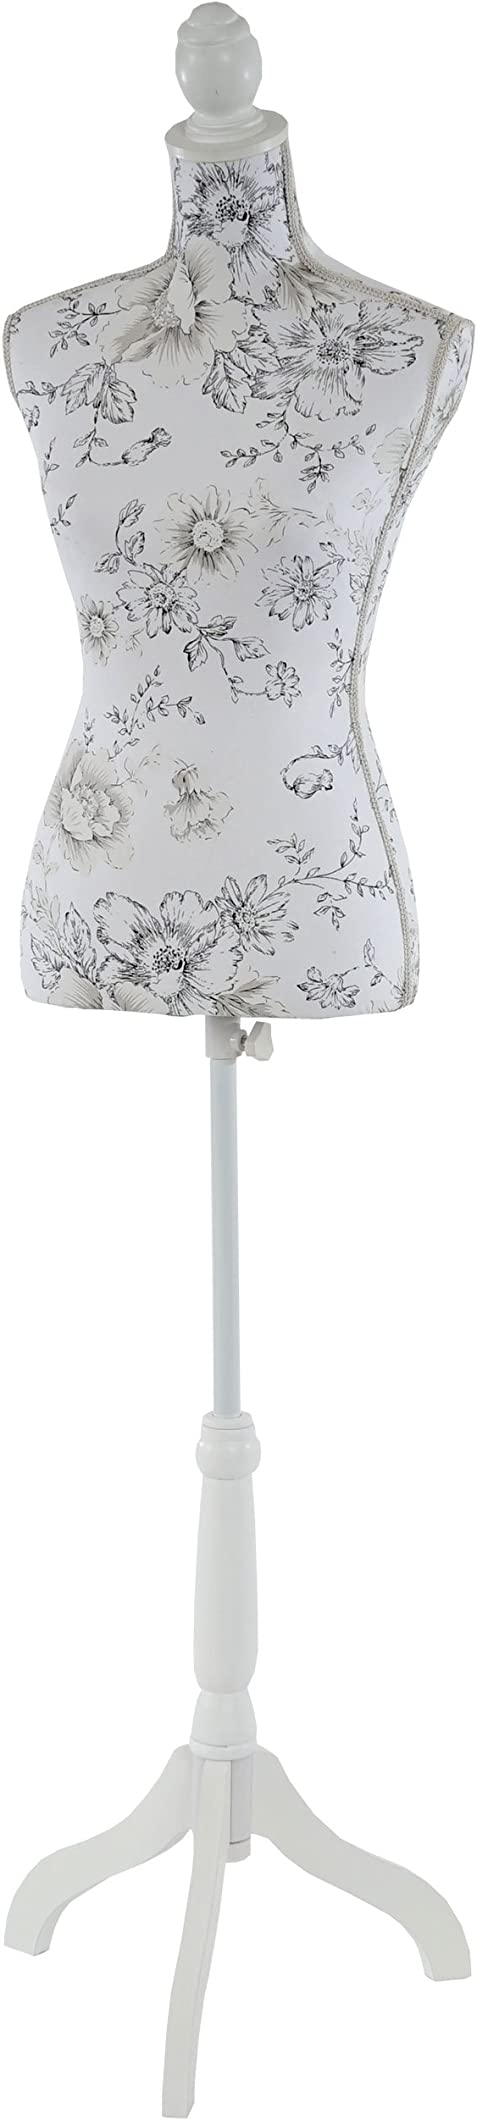 Manichino sartoriale busto donna t222 fibre di vetro con treppiede ~ bianco con fiori 35630